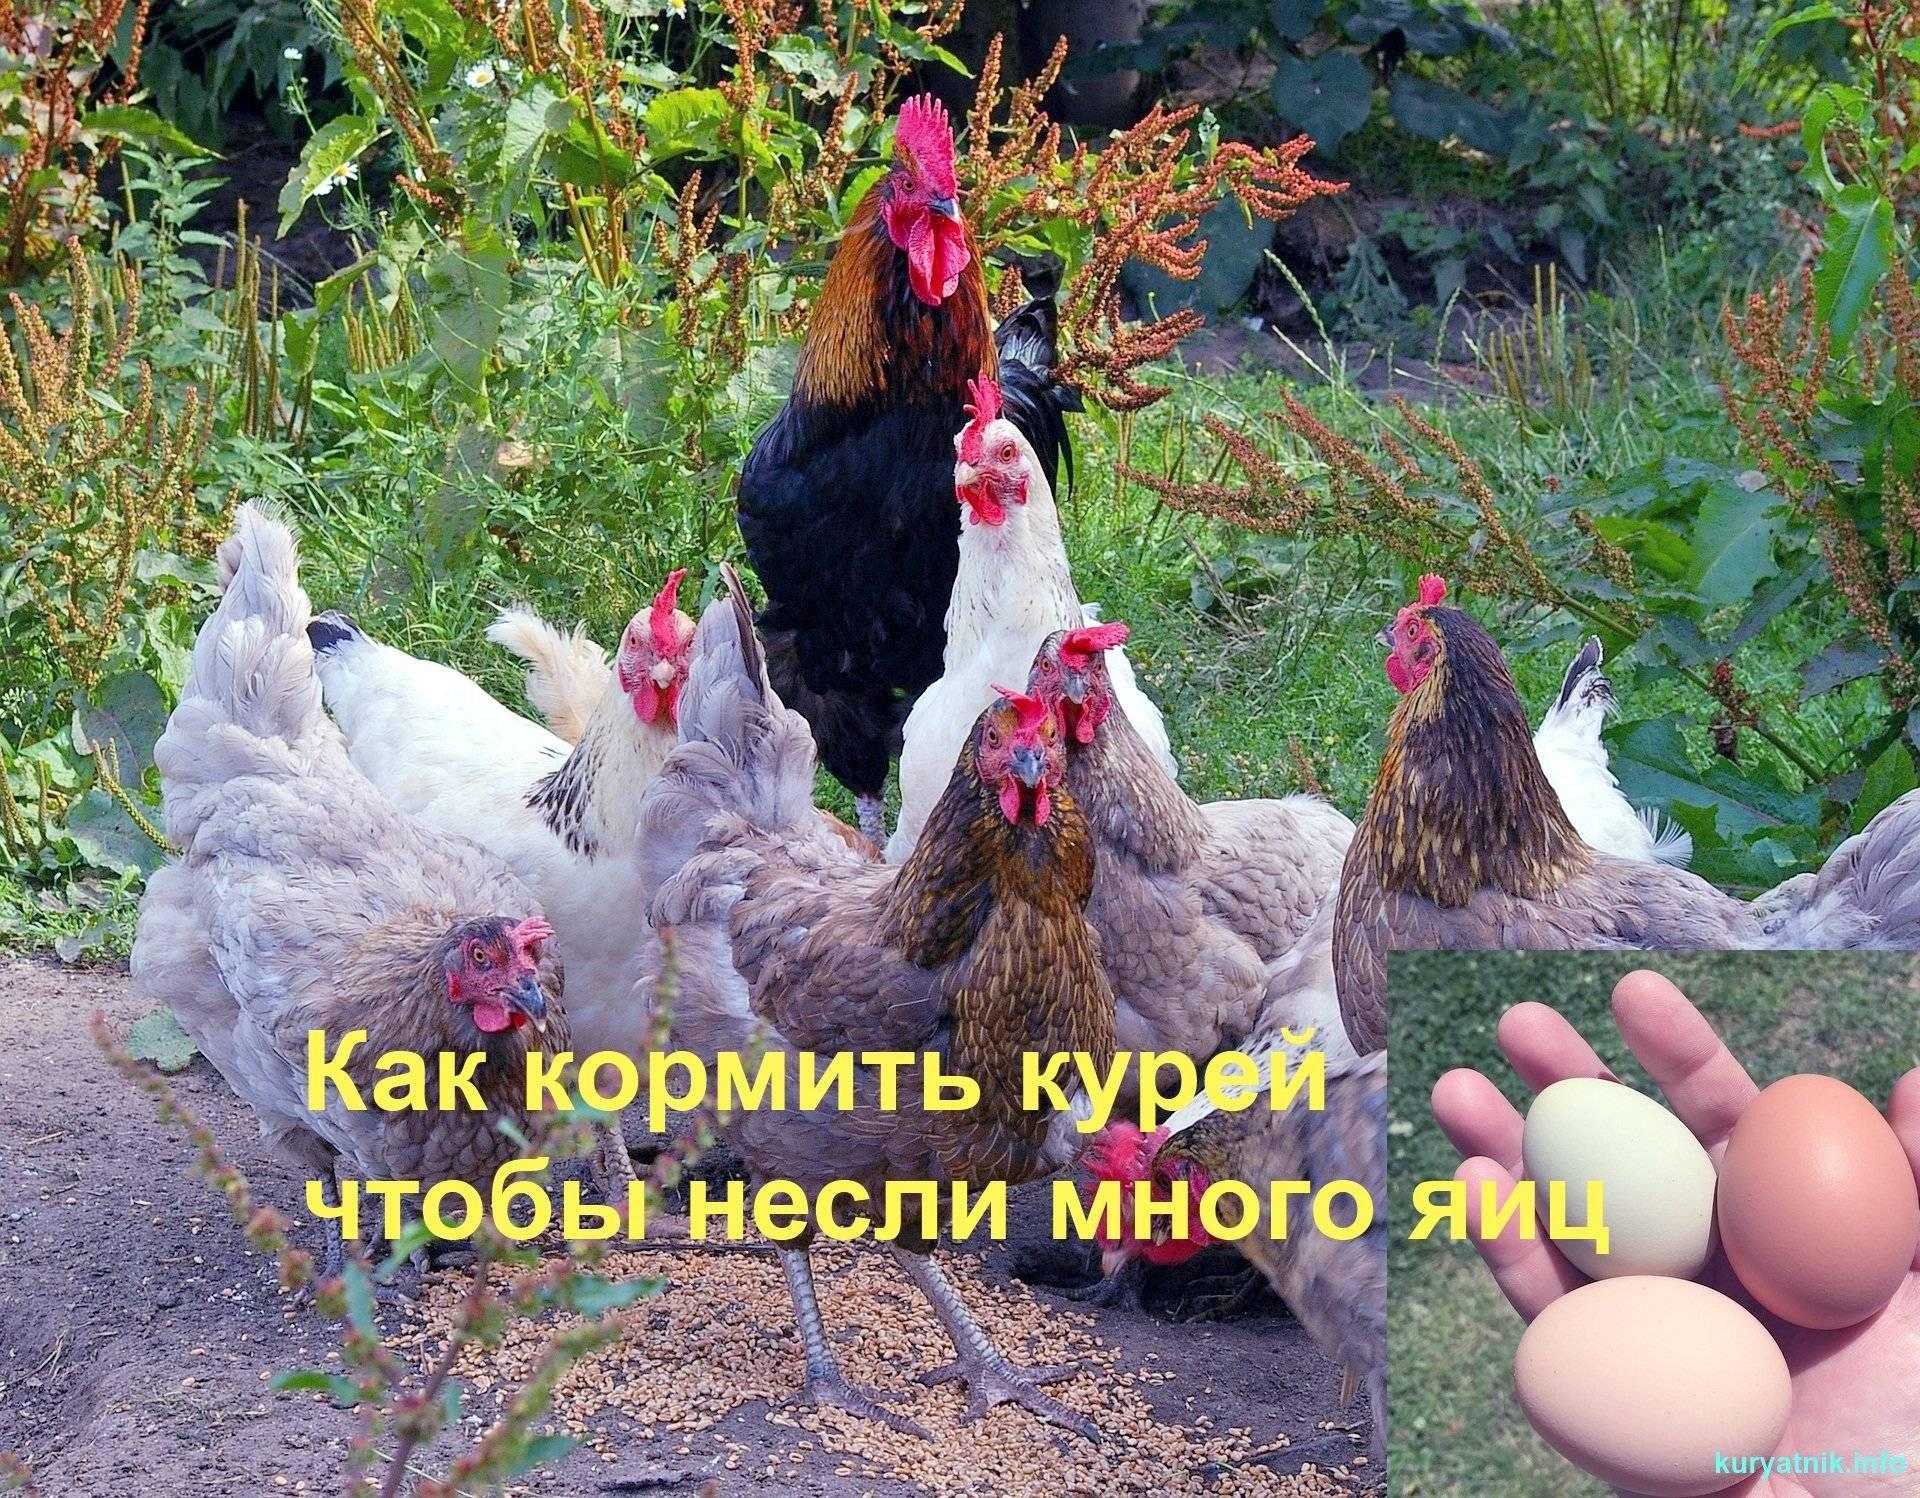 Как и чем кормить кур чтобы несли много яиц